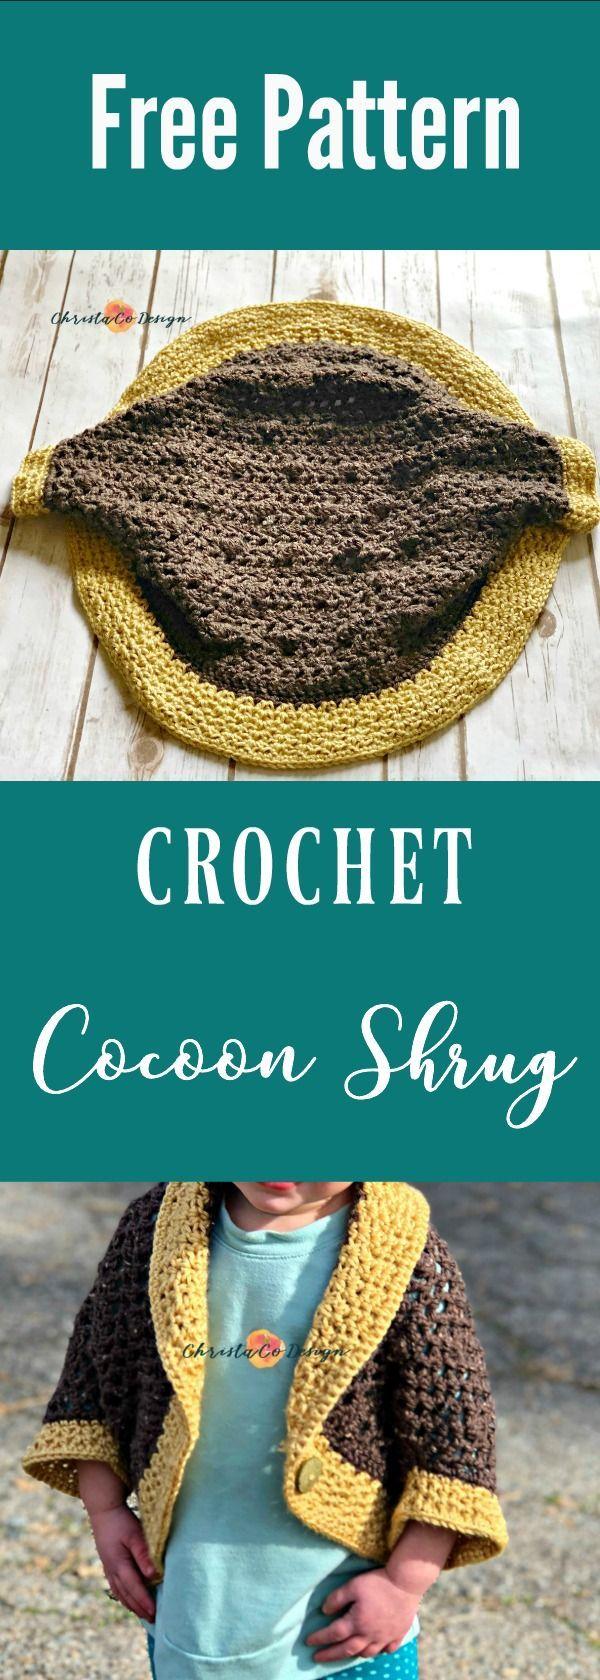 Toddler Crochet Cocoon Shrug Pattern | Pinterest